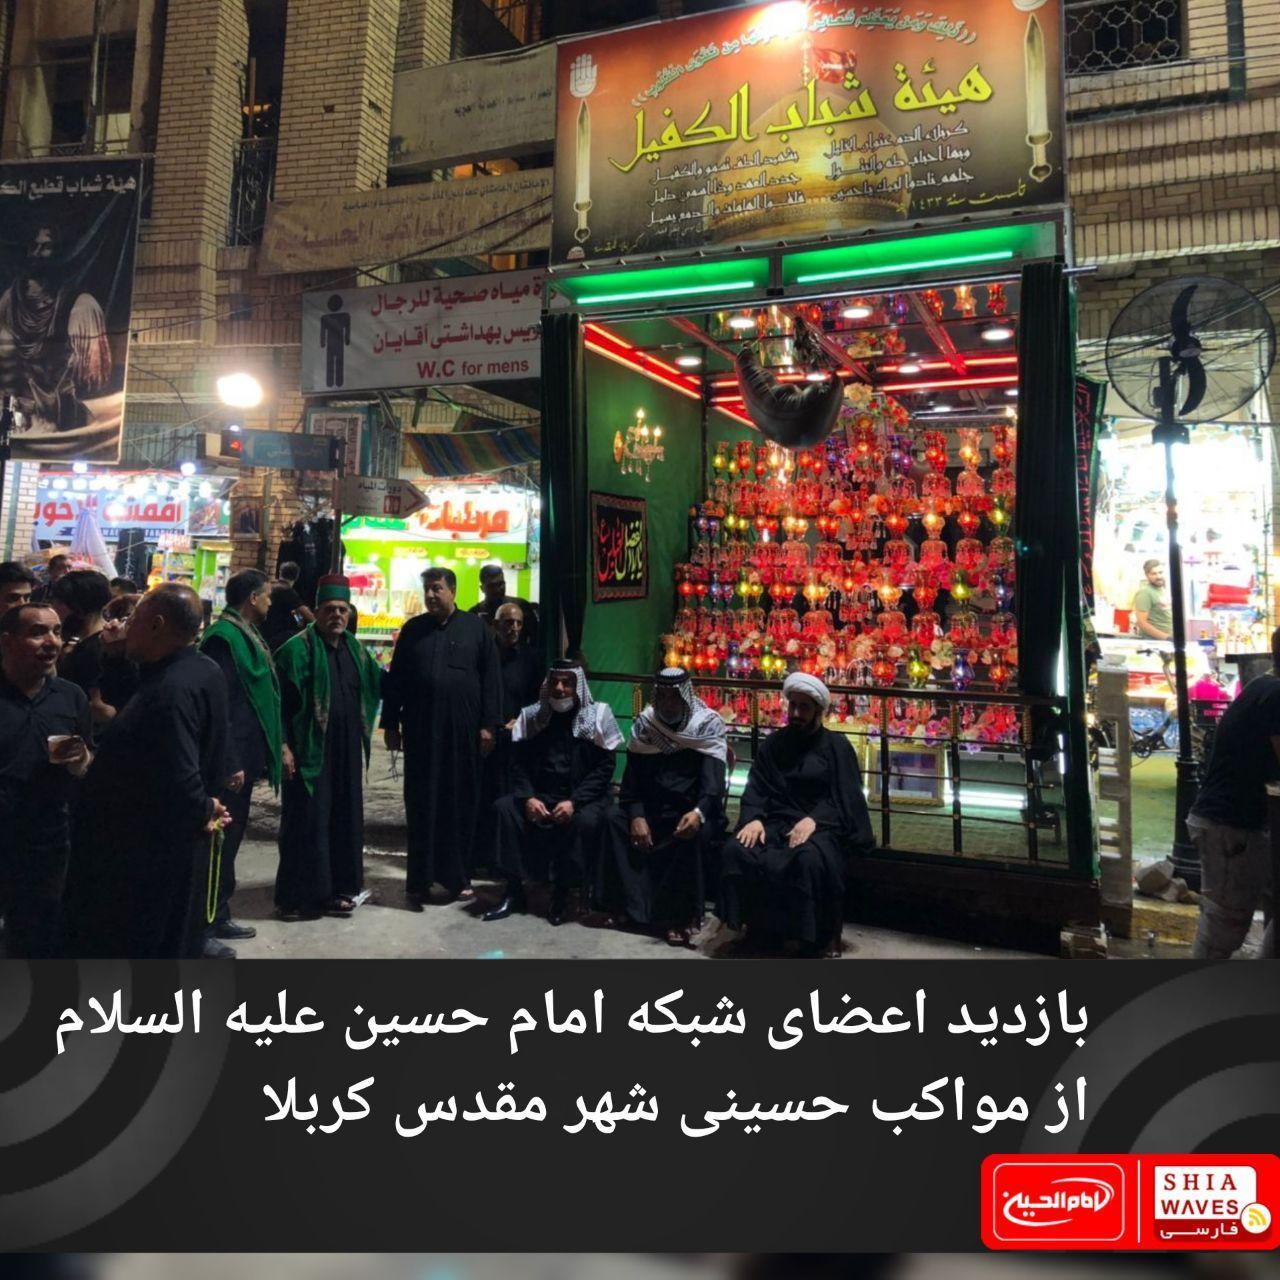 تصویر بازدید اعضای شبکه امام حسین علیه السلام از مواکب حسینی شهر مقدس کربلا